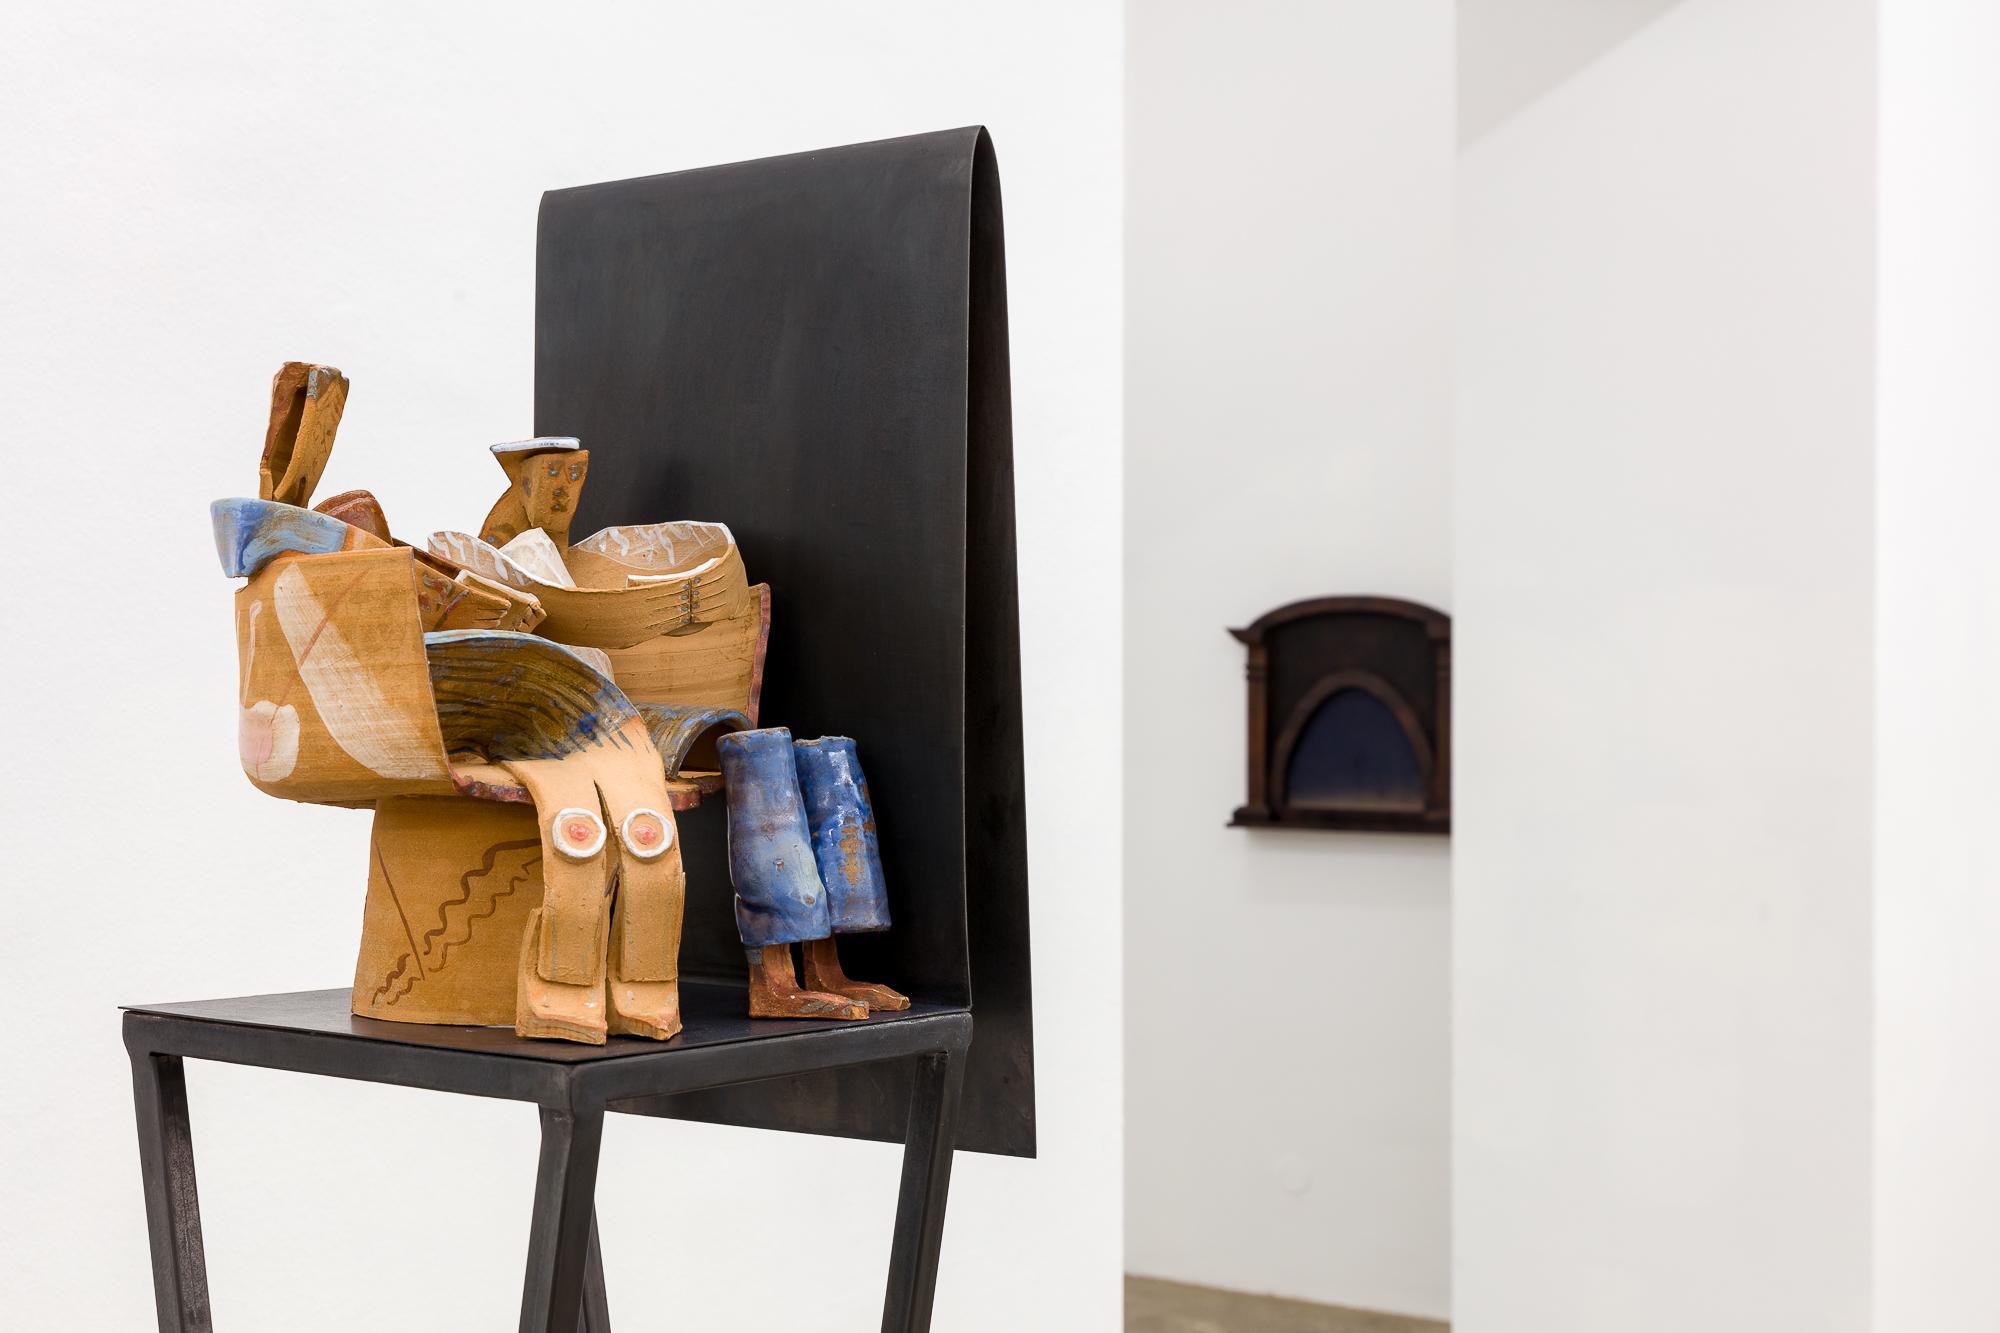 2019_01_24_Irina Lotarevich und Anna Schachinger_Sophie Tappeiner_by_kunstdokumentationcom_009_web.jpg